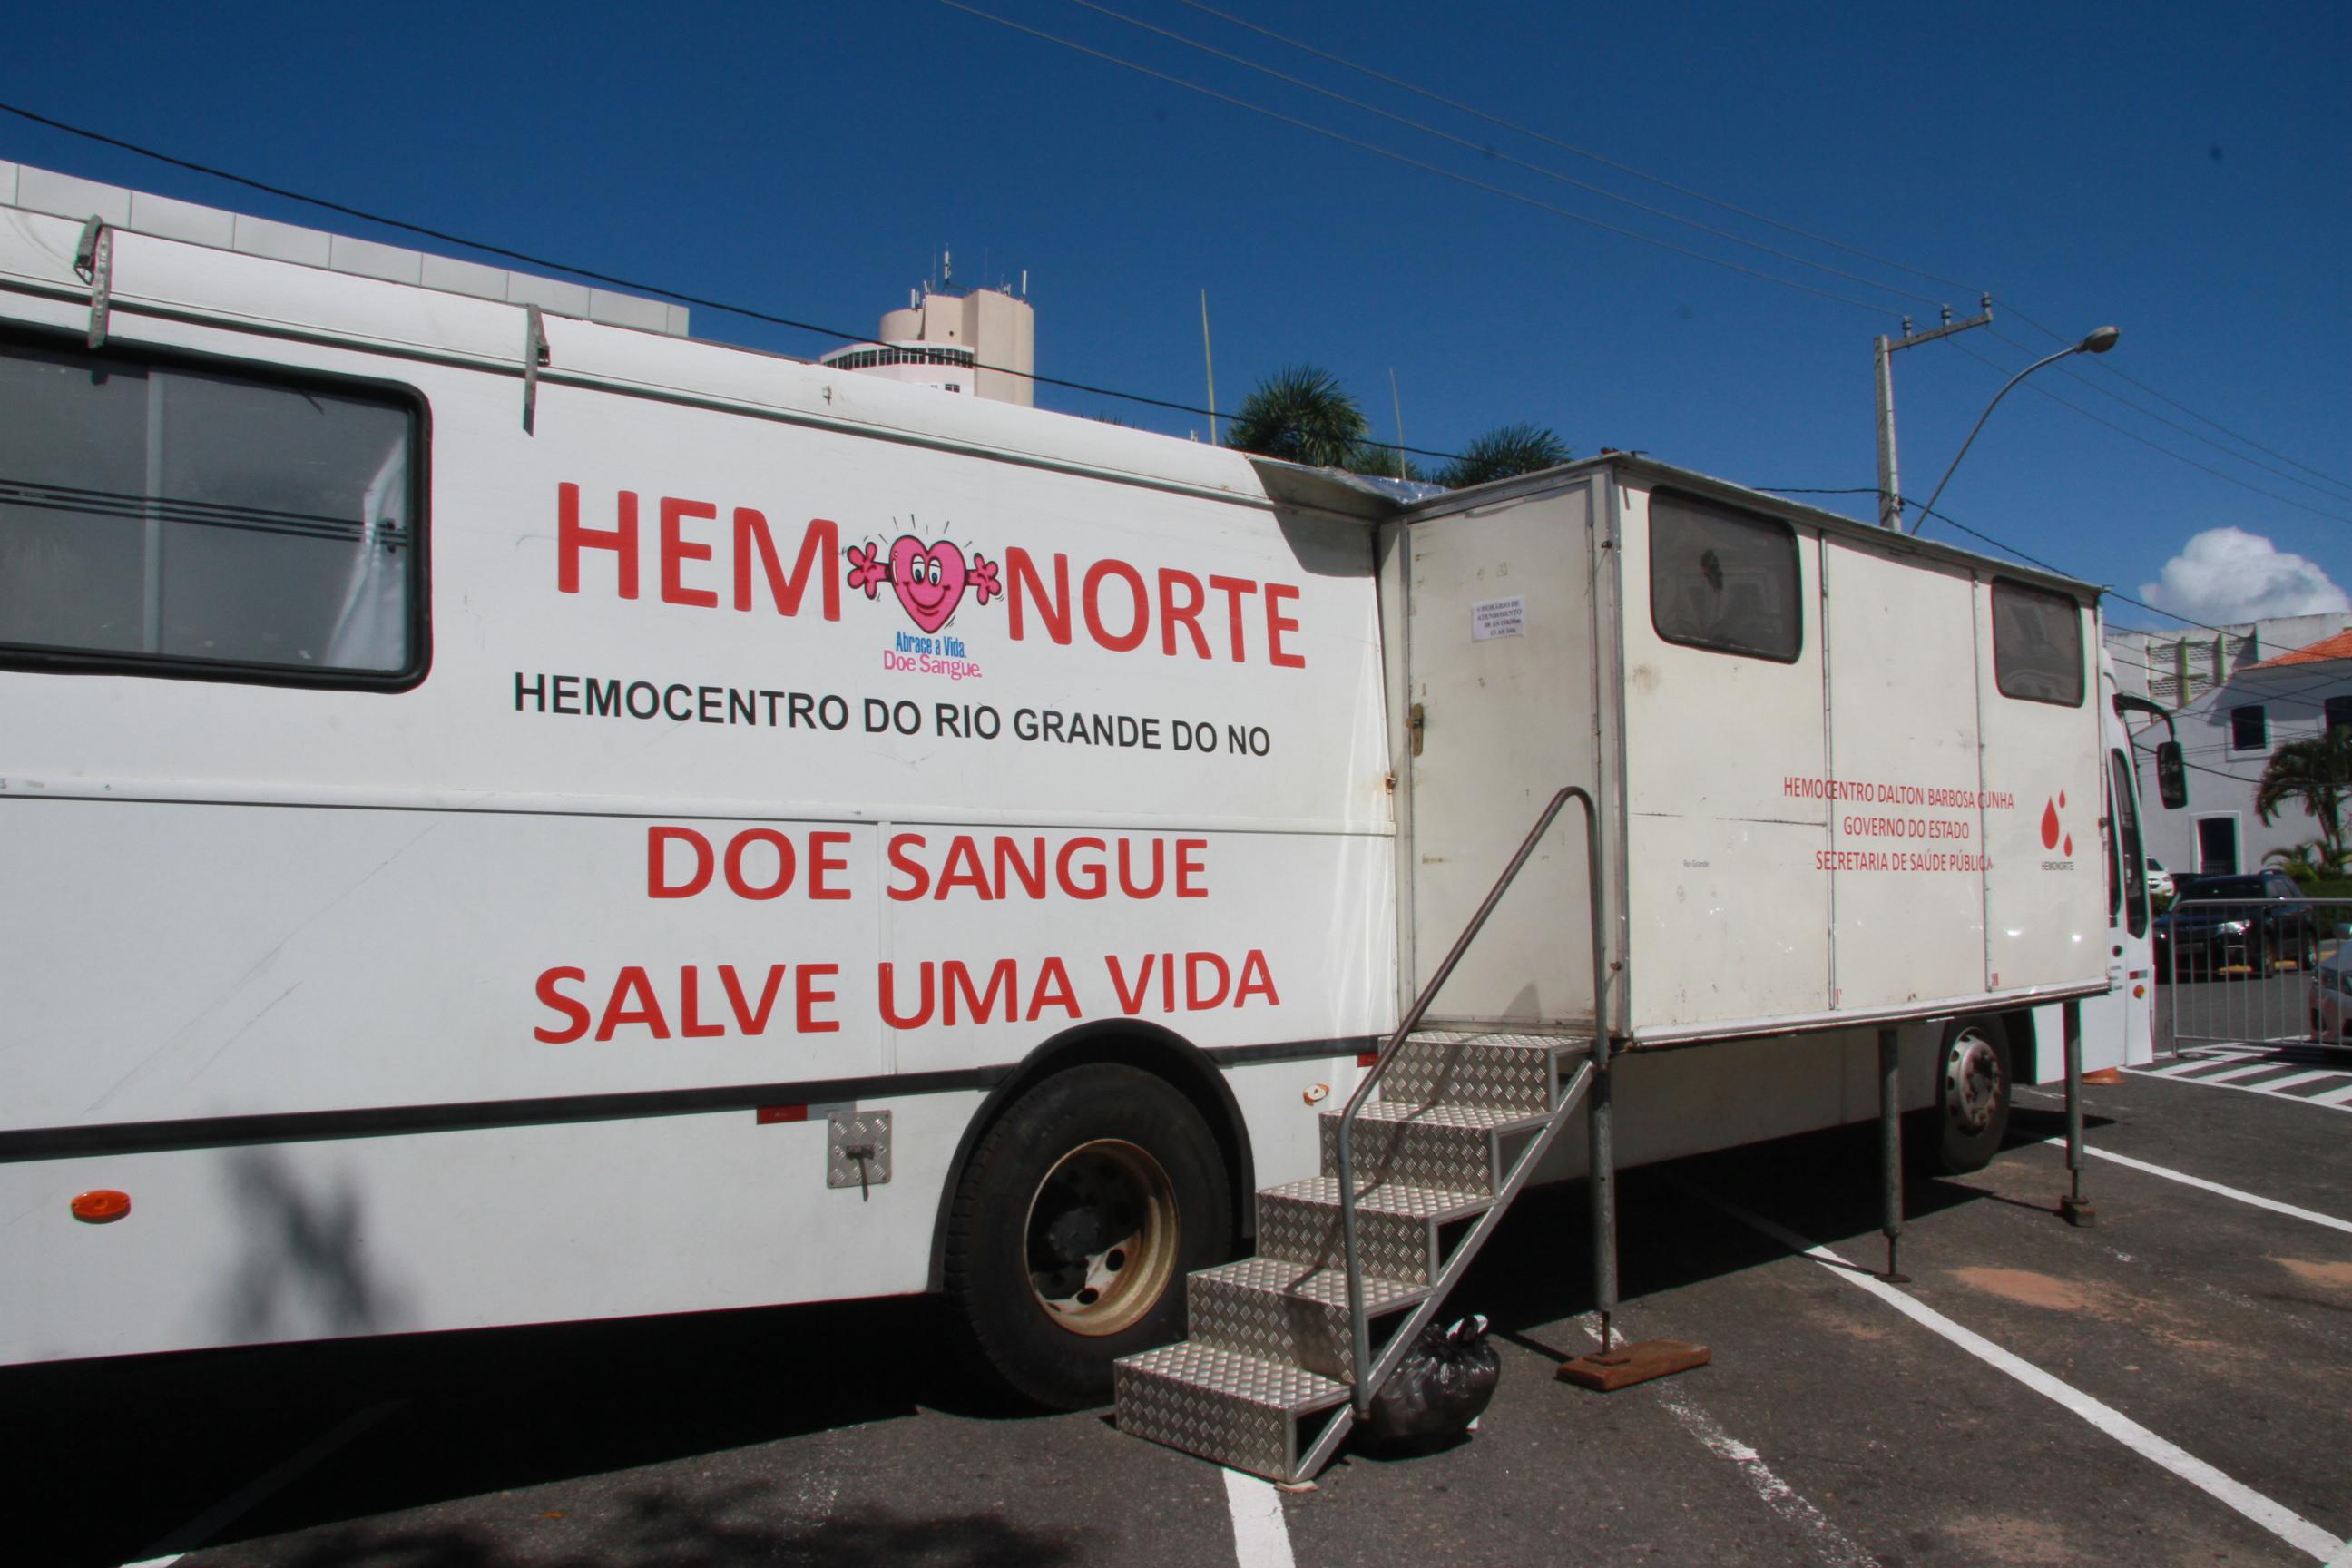 Carro de Coleta de Sangue Hemonorte 2